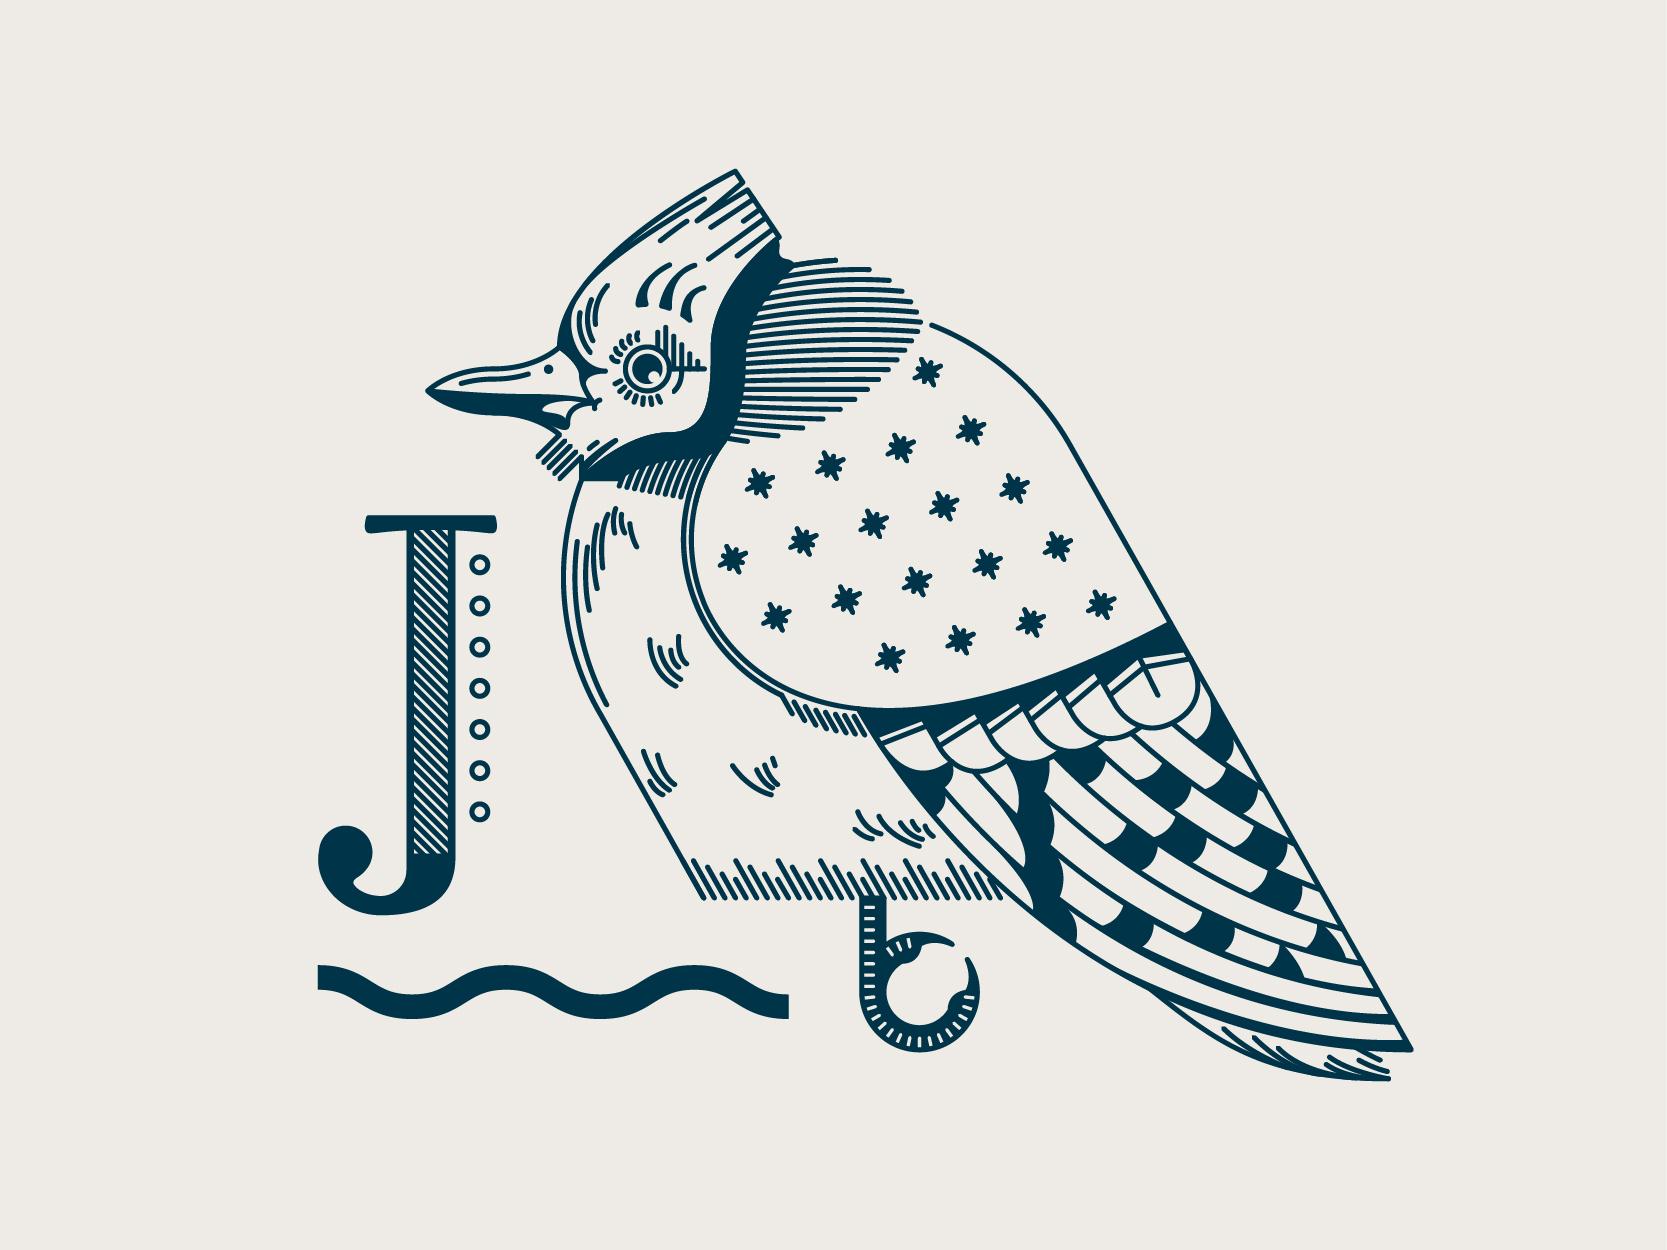 J Illustration_final_colored-02.jpg